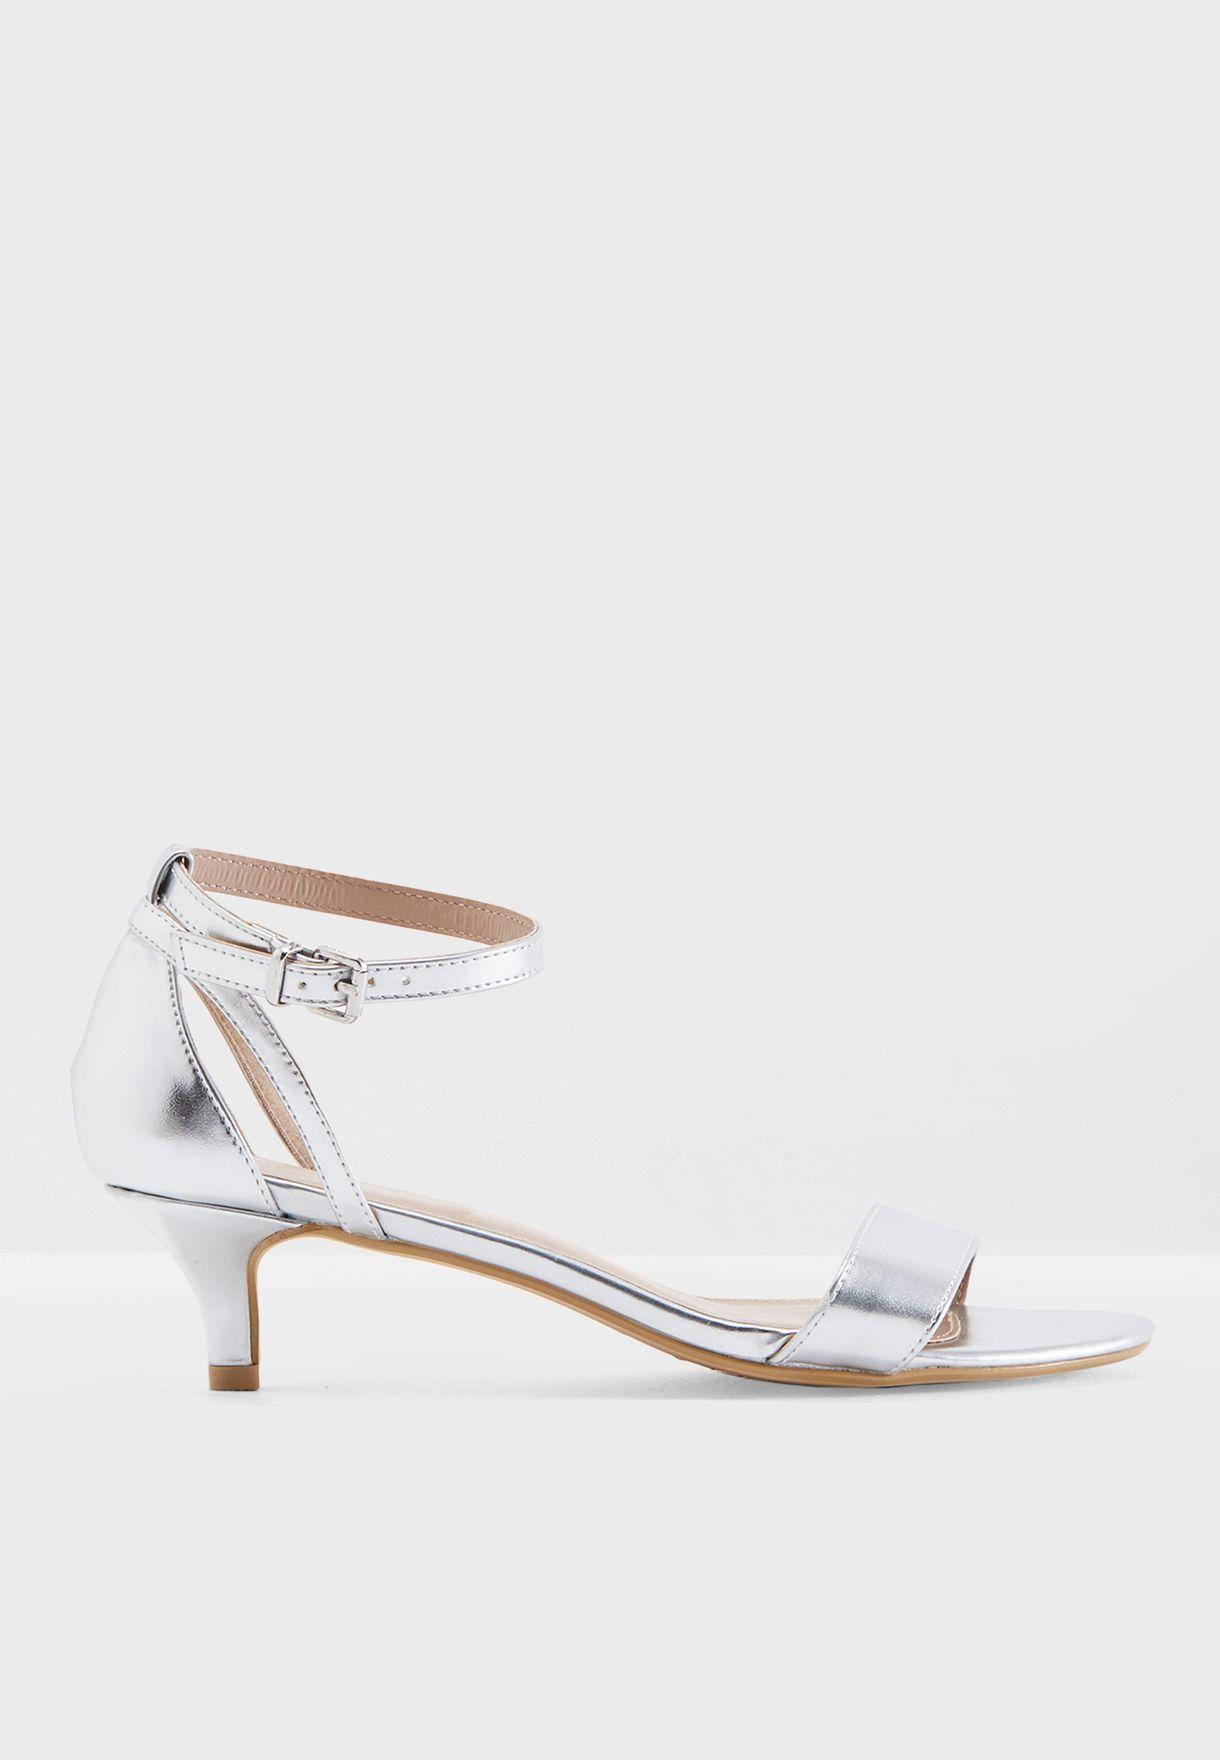 810e2b46fac6c Shop Dorothy Perkins silver Sunrise Kitten Heel Sandals 19128188 for ...